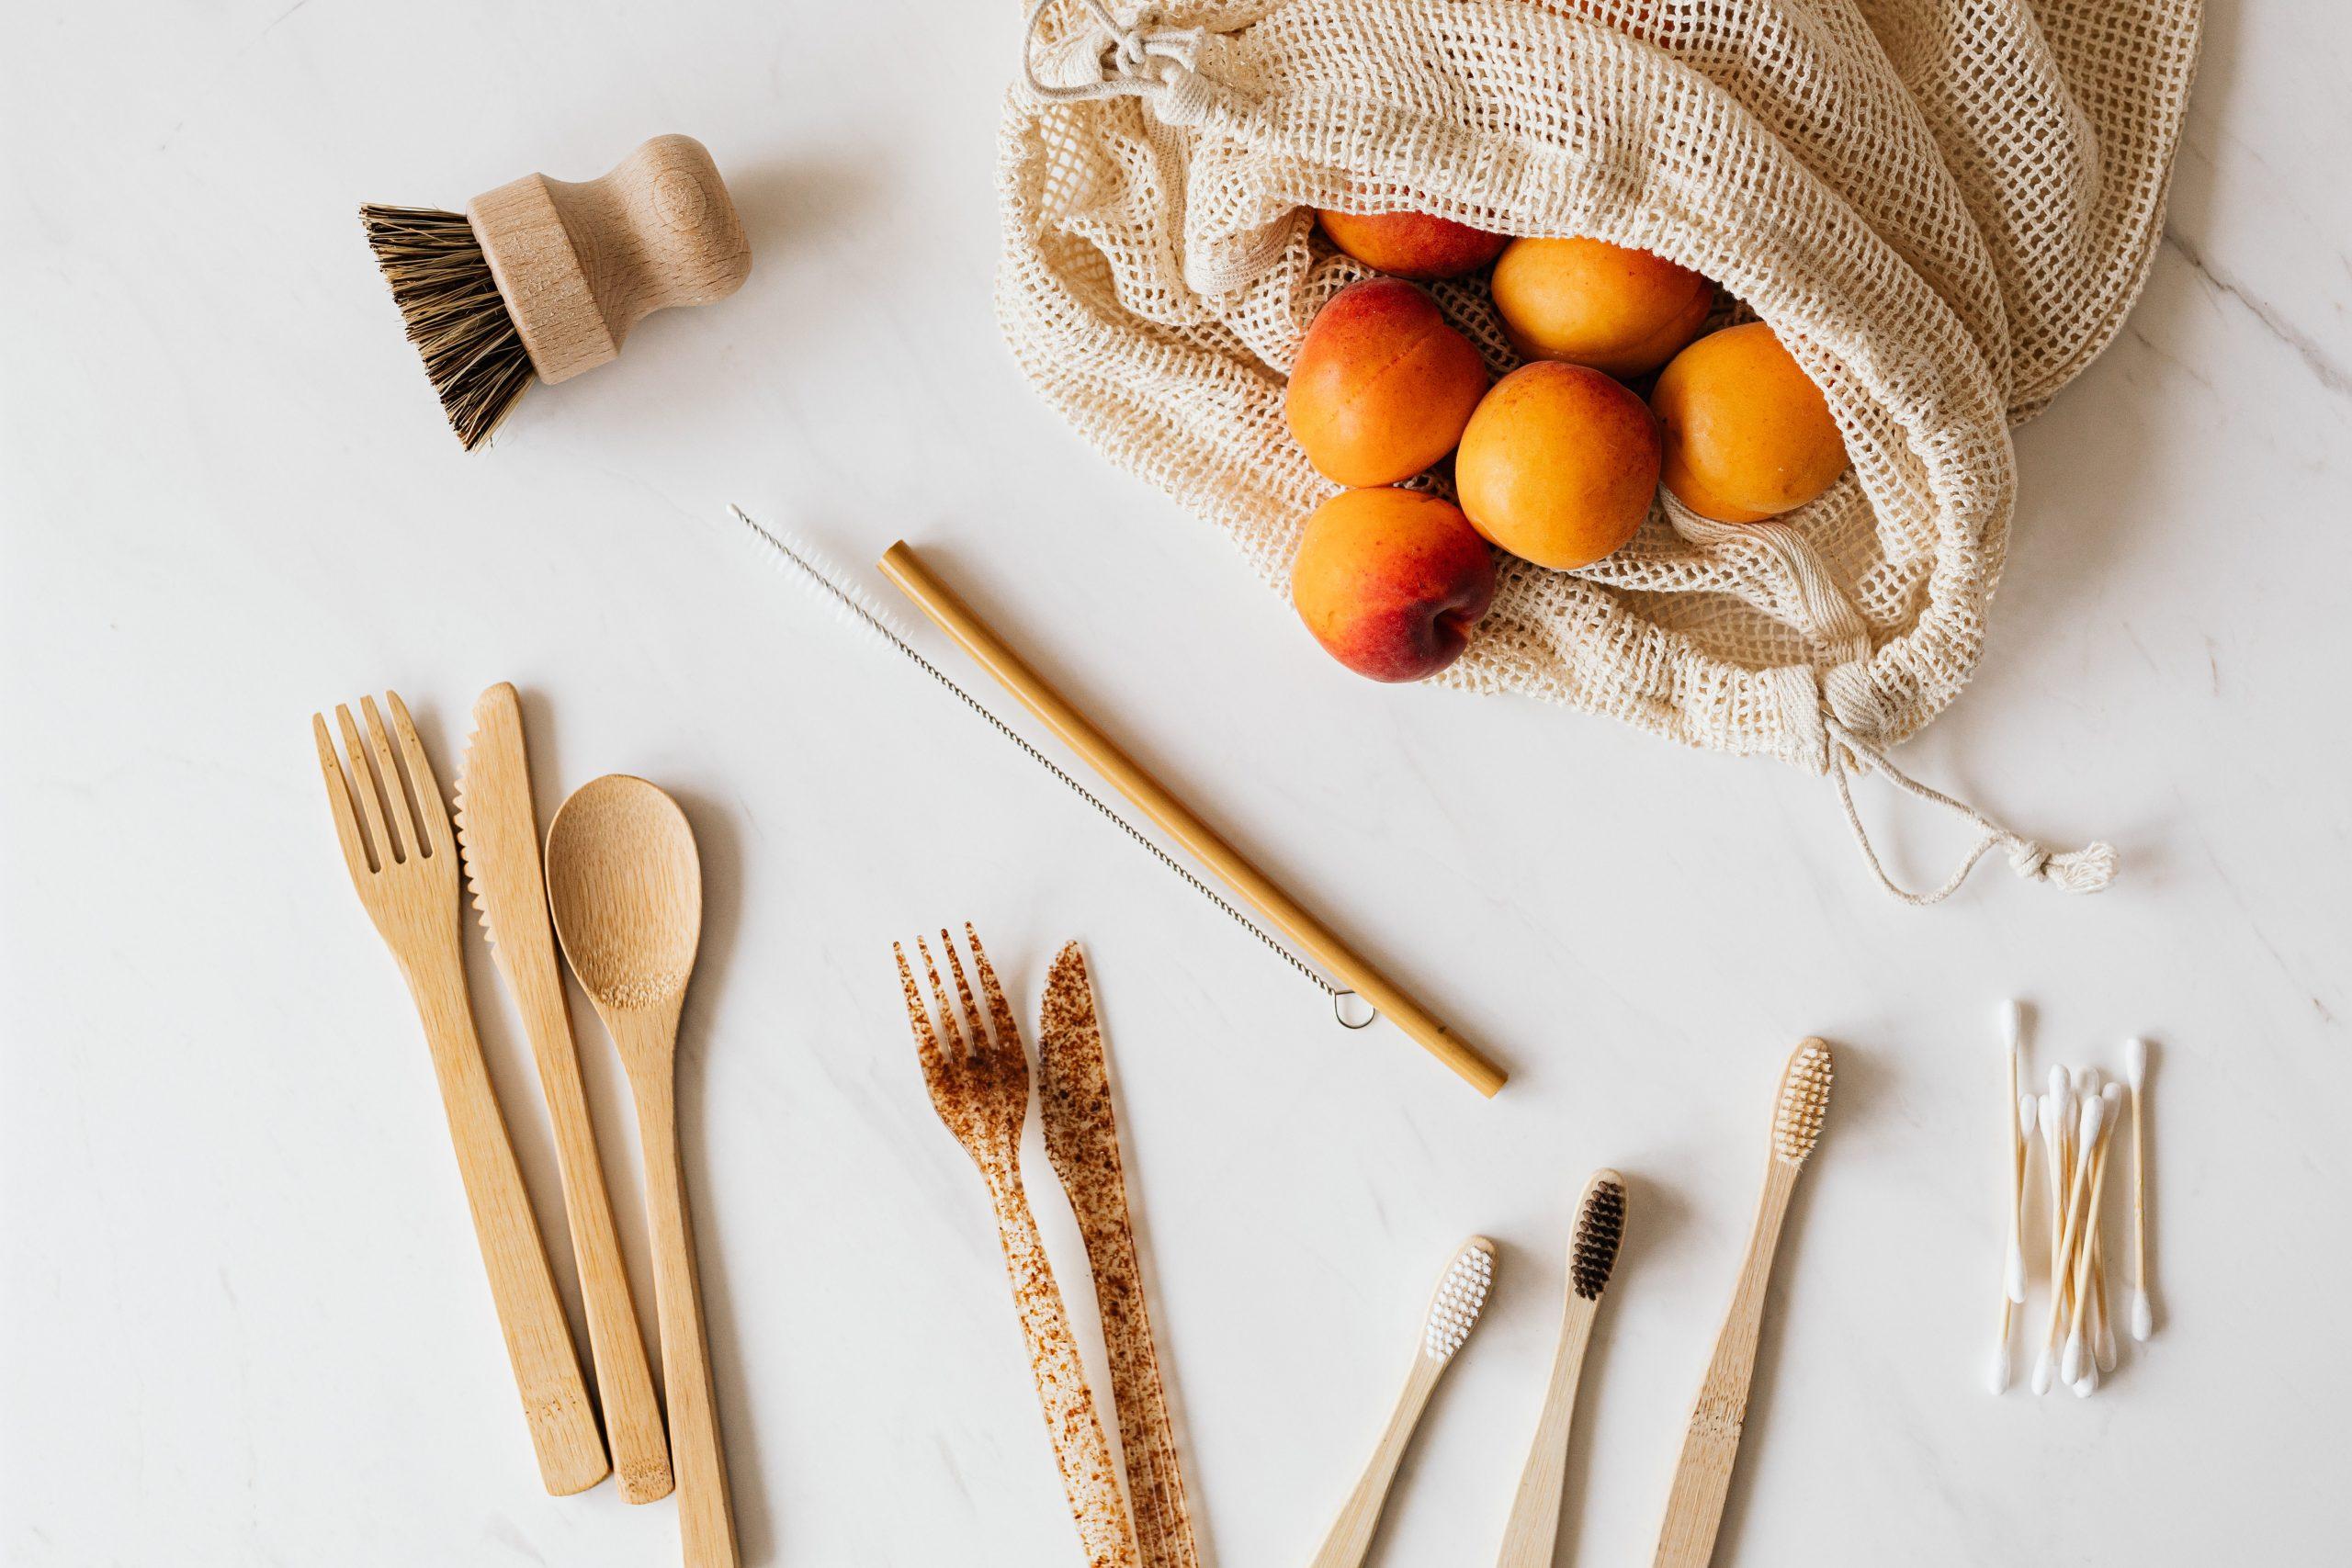 eko praktyki - wielorazowa torba na zakupy, drewniane sztućce